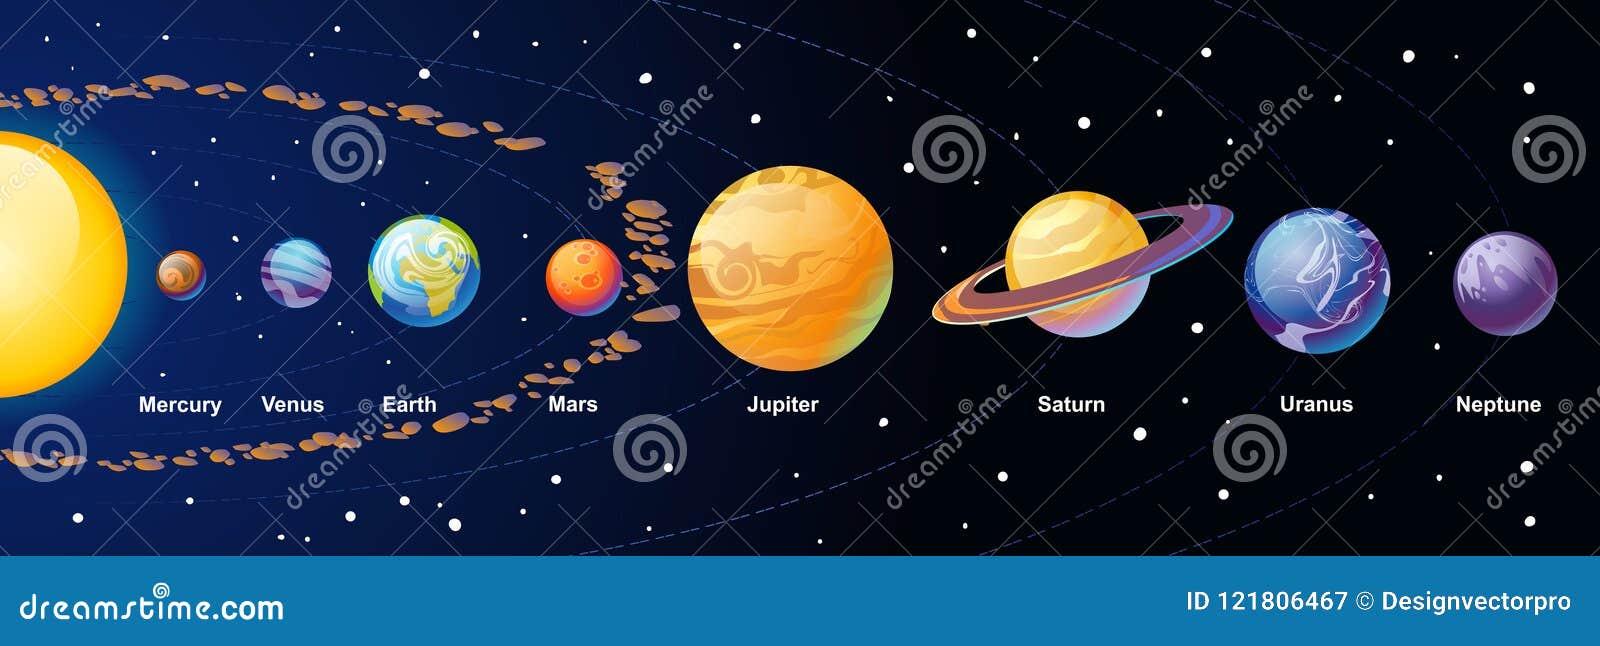 De illustratie van het zonnestelselbeeldverhaal met kleurrijke planeten en aste